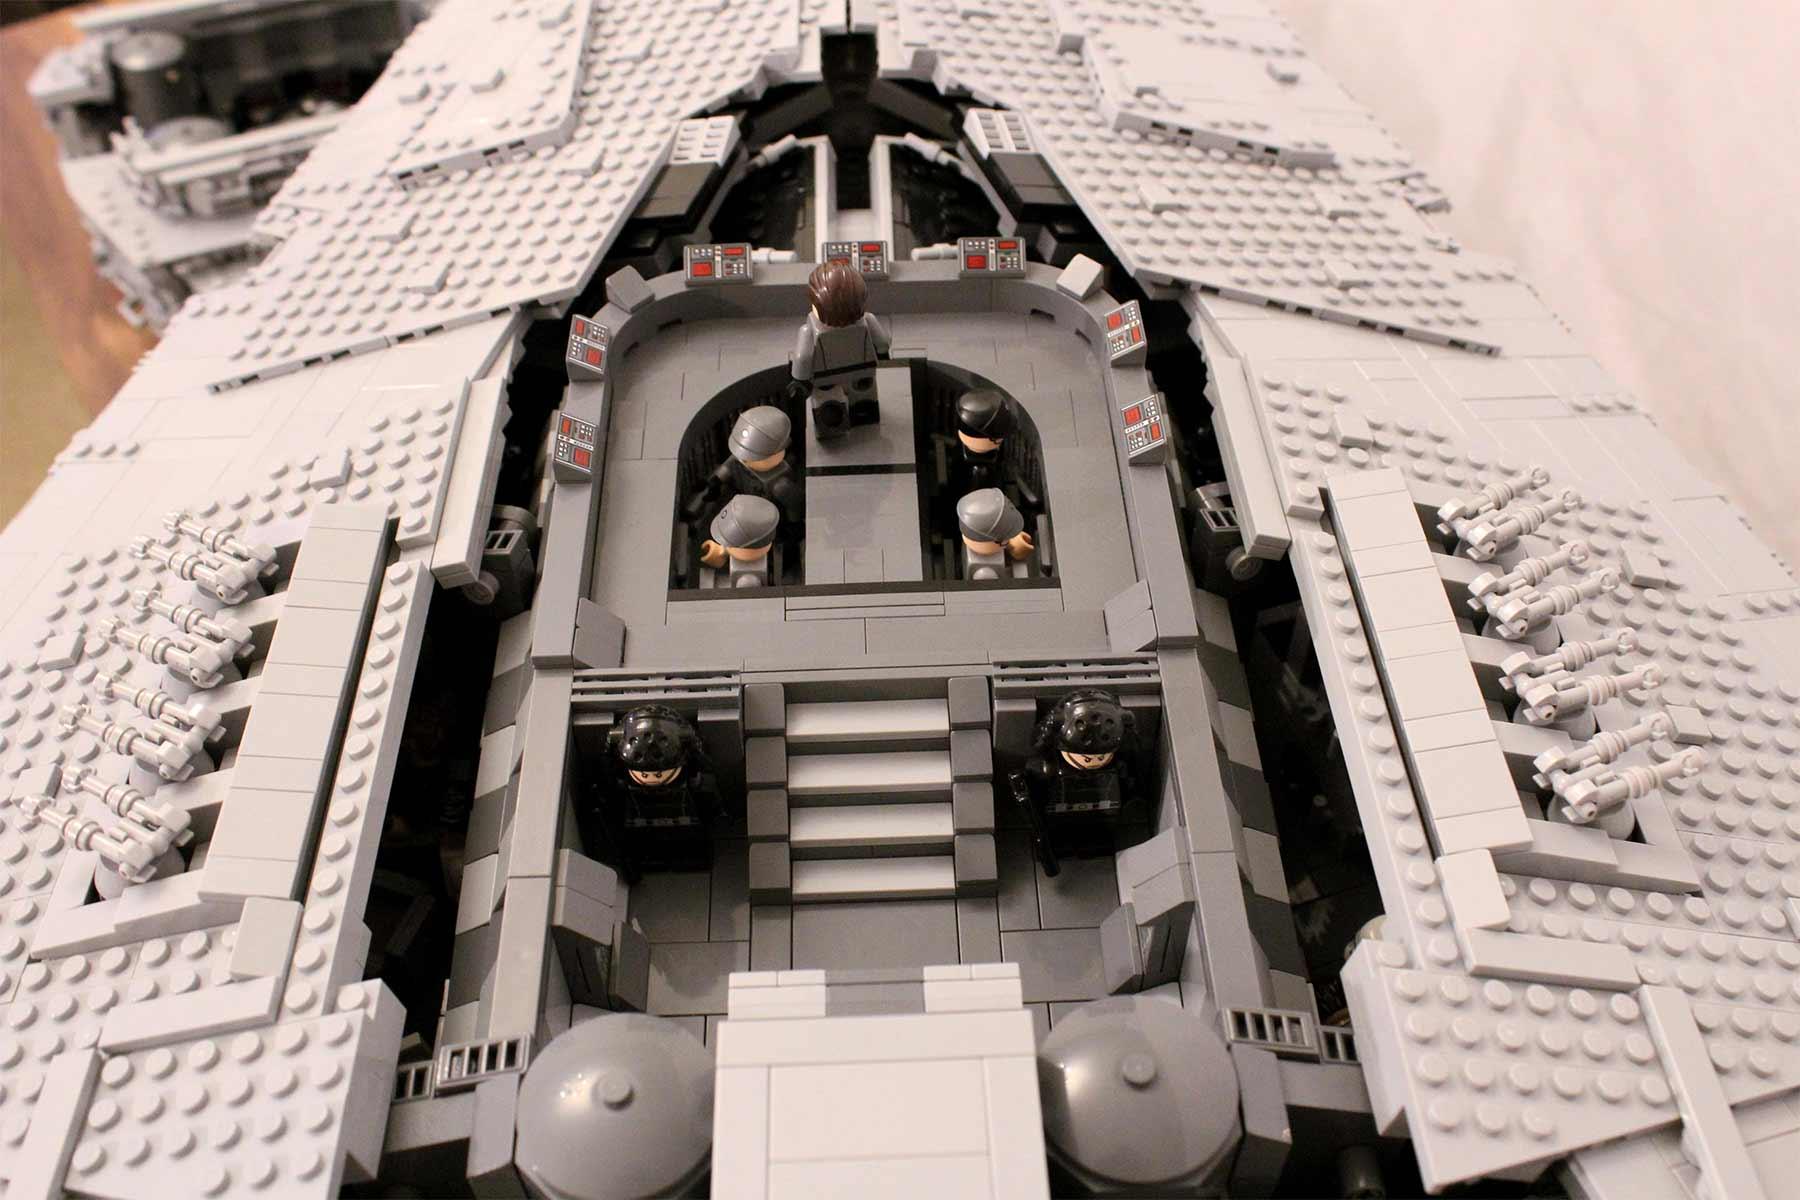 Gigantischer Sternzerstörer aus LEGO lego-sternzerstoerer-star-wars-riesig_05